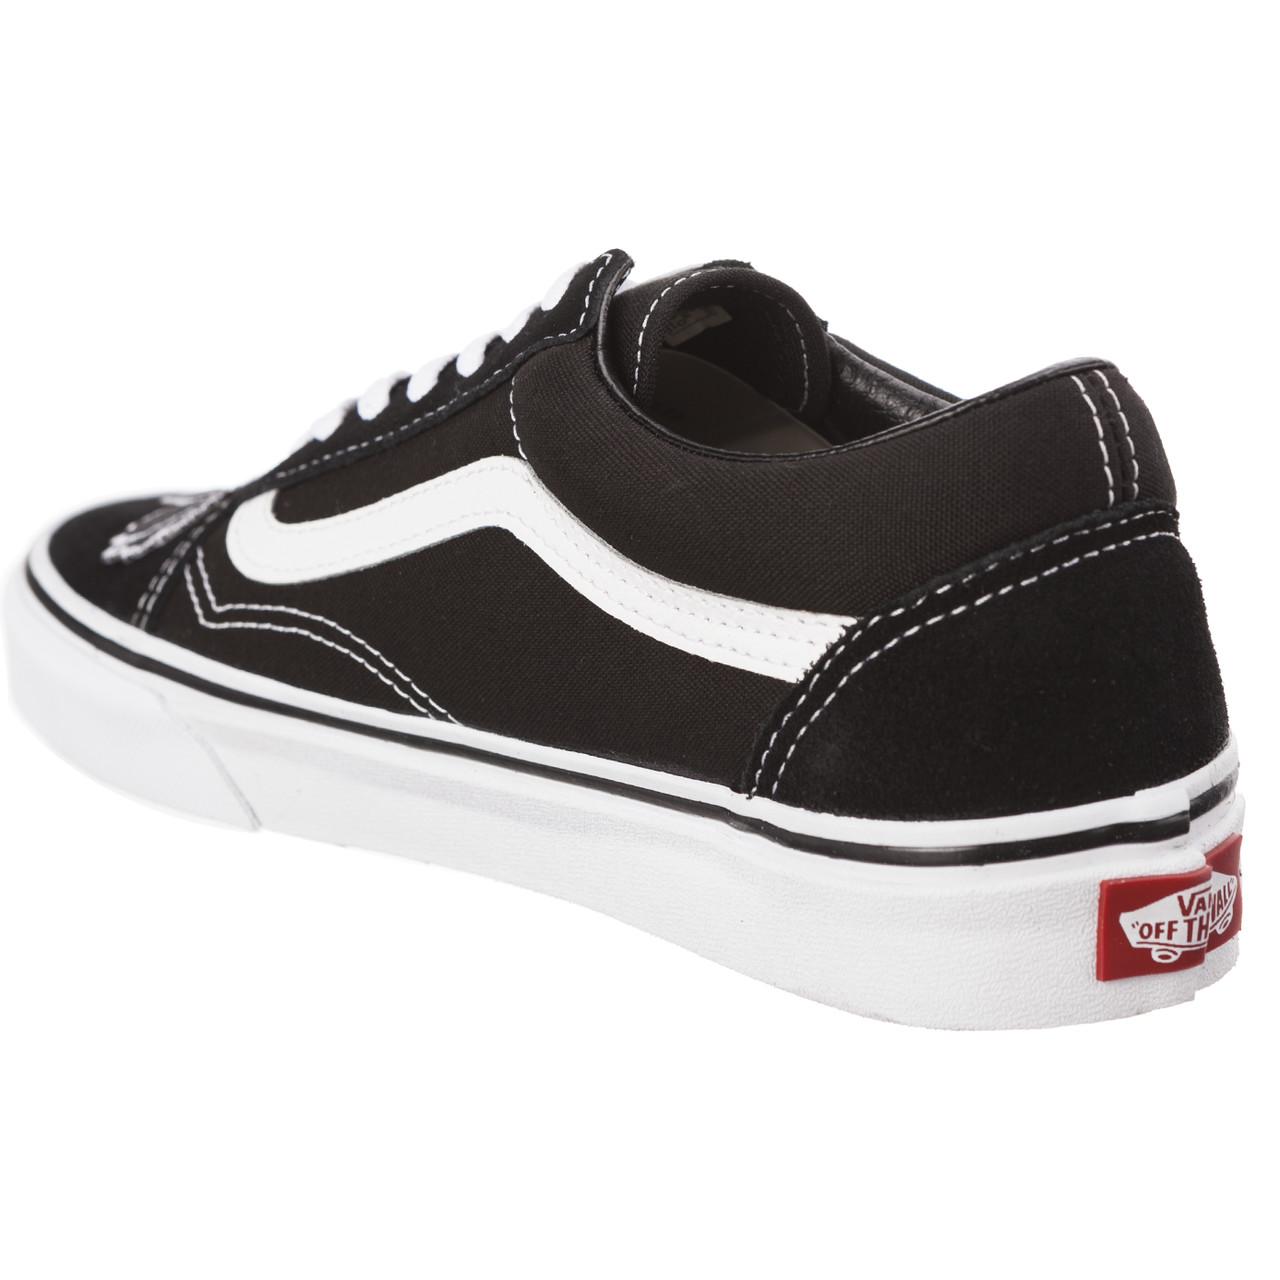 vans old skool y28 black